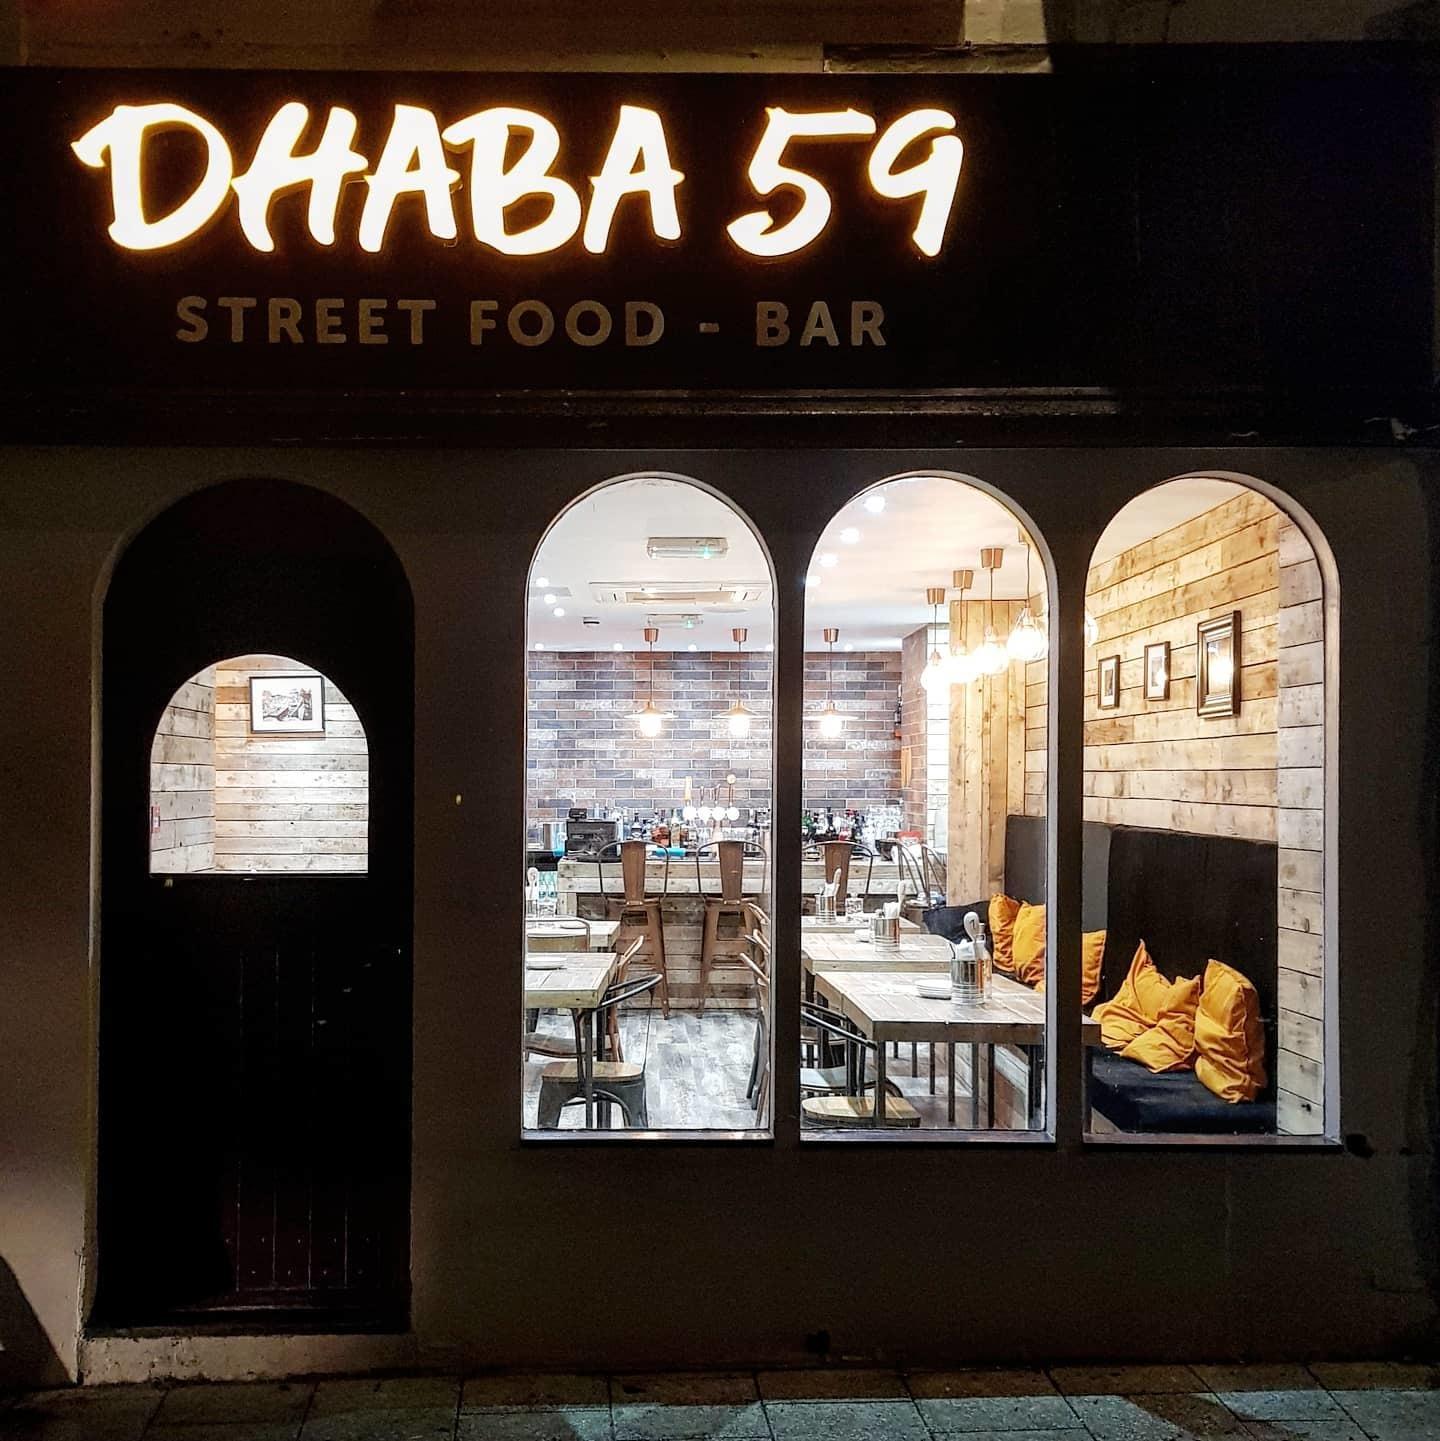 Dhaba 59